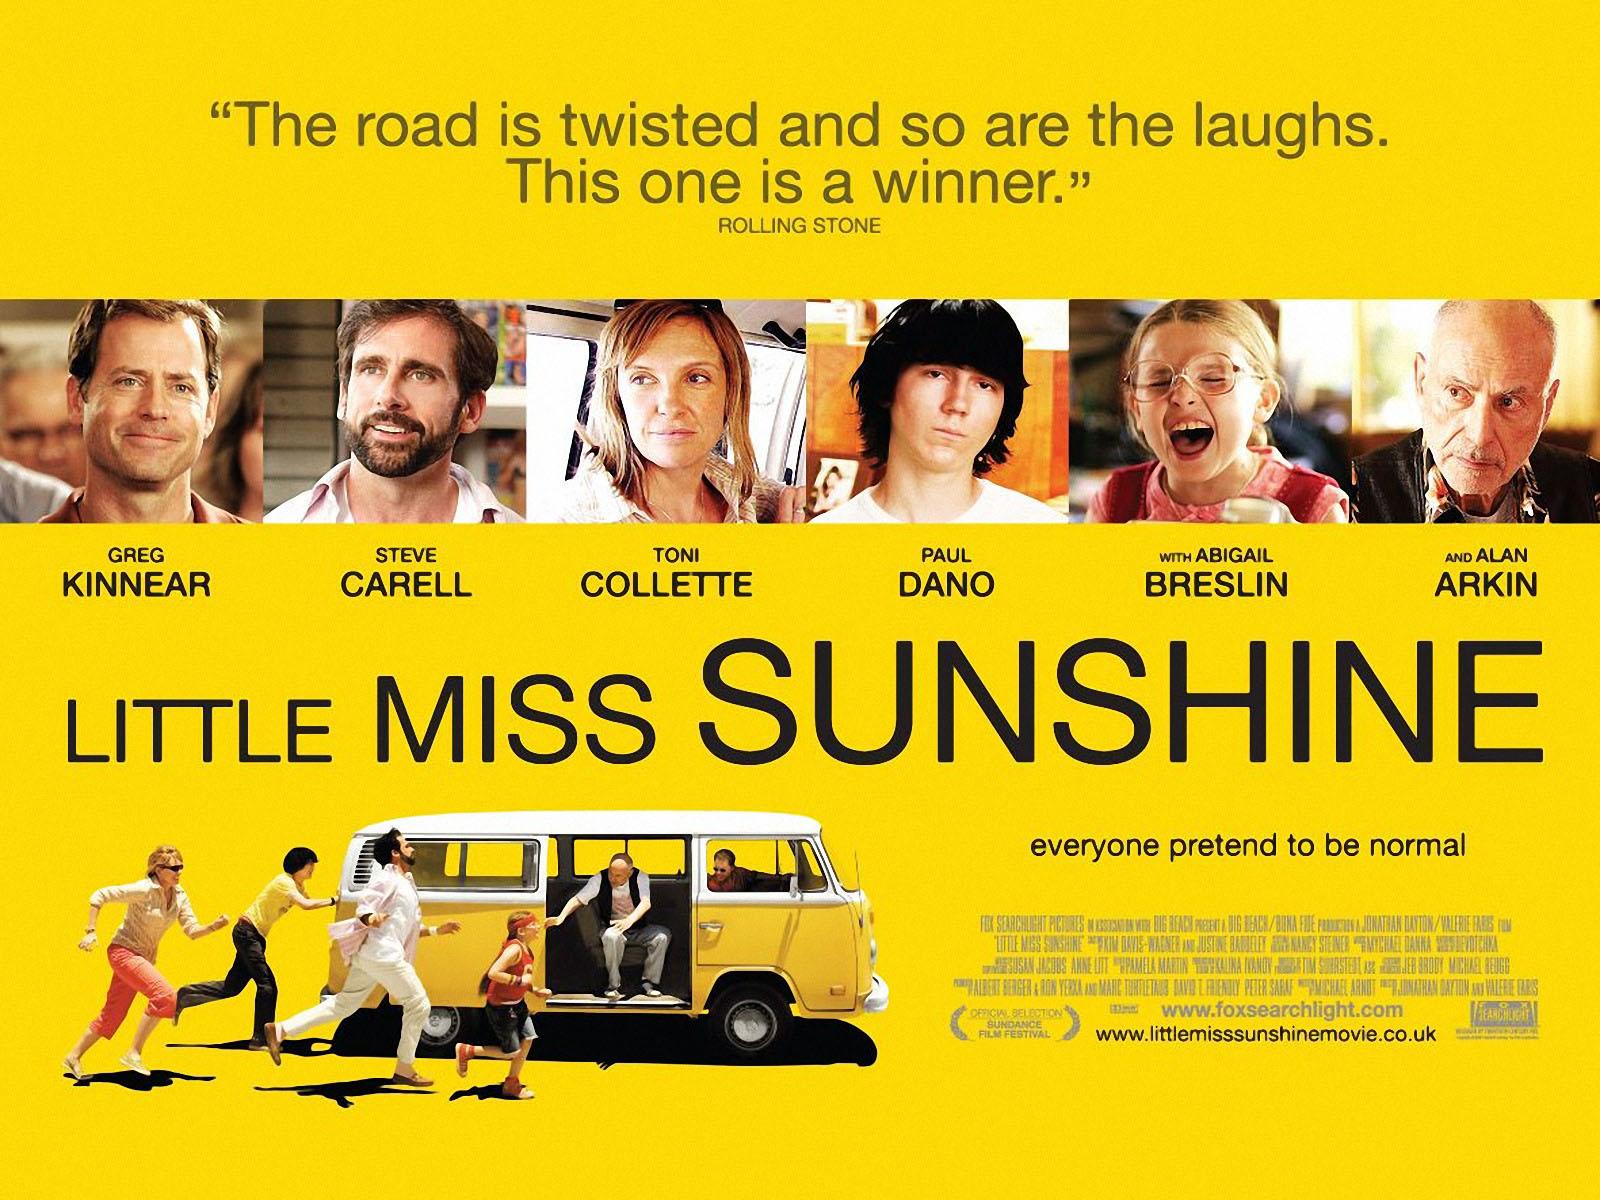 little miss sunshine beauty pageant scene